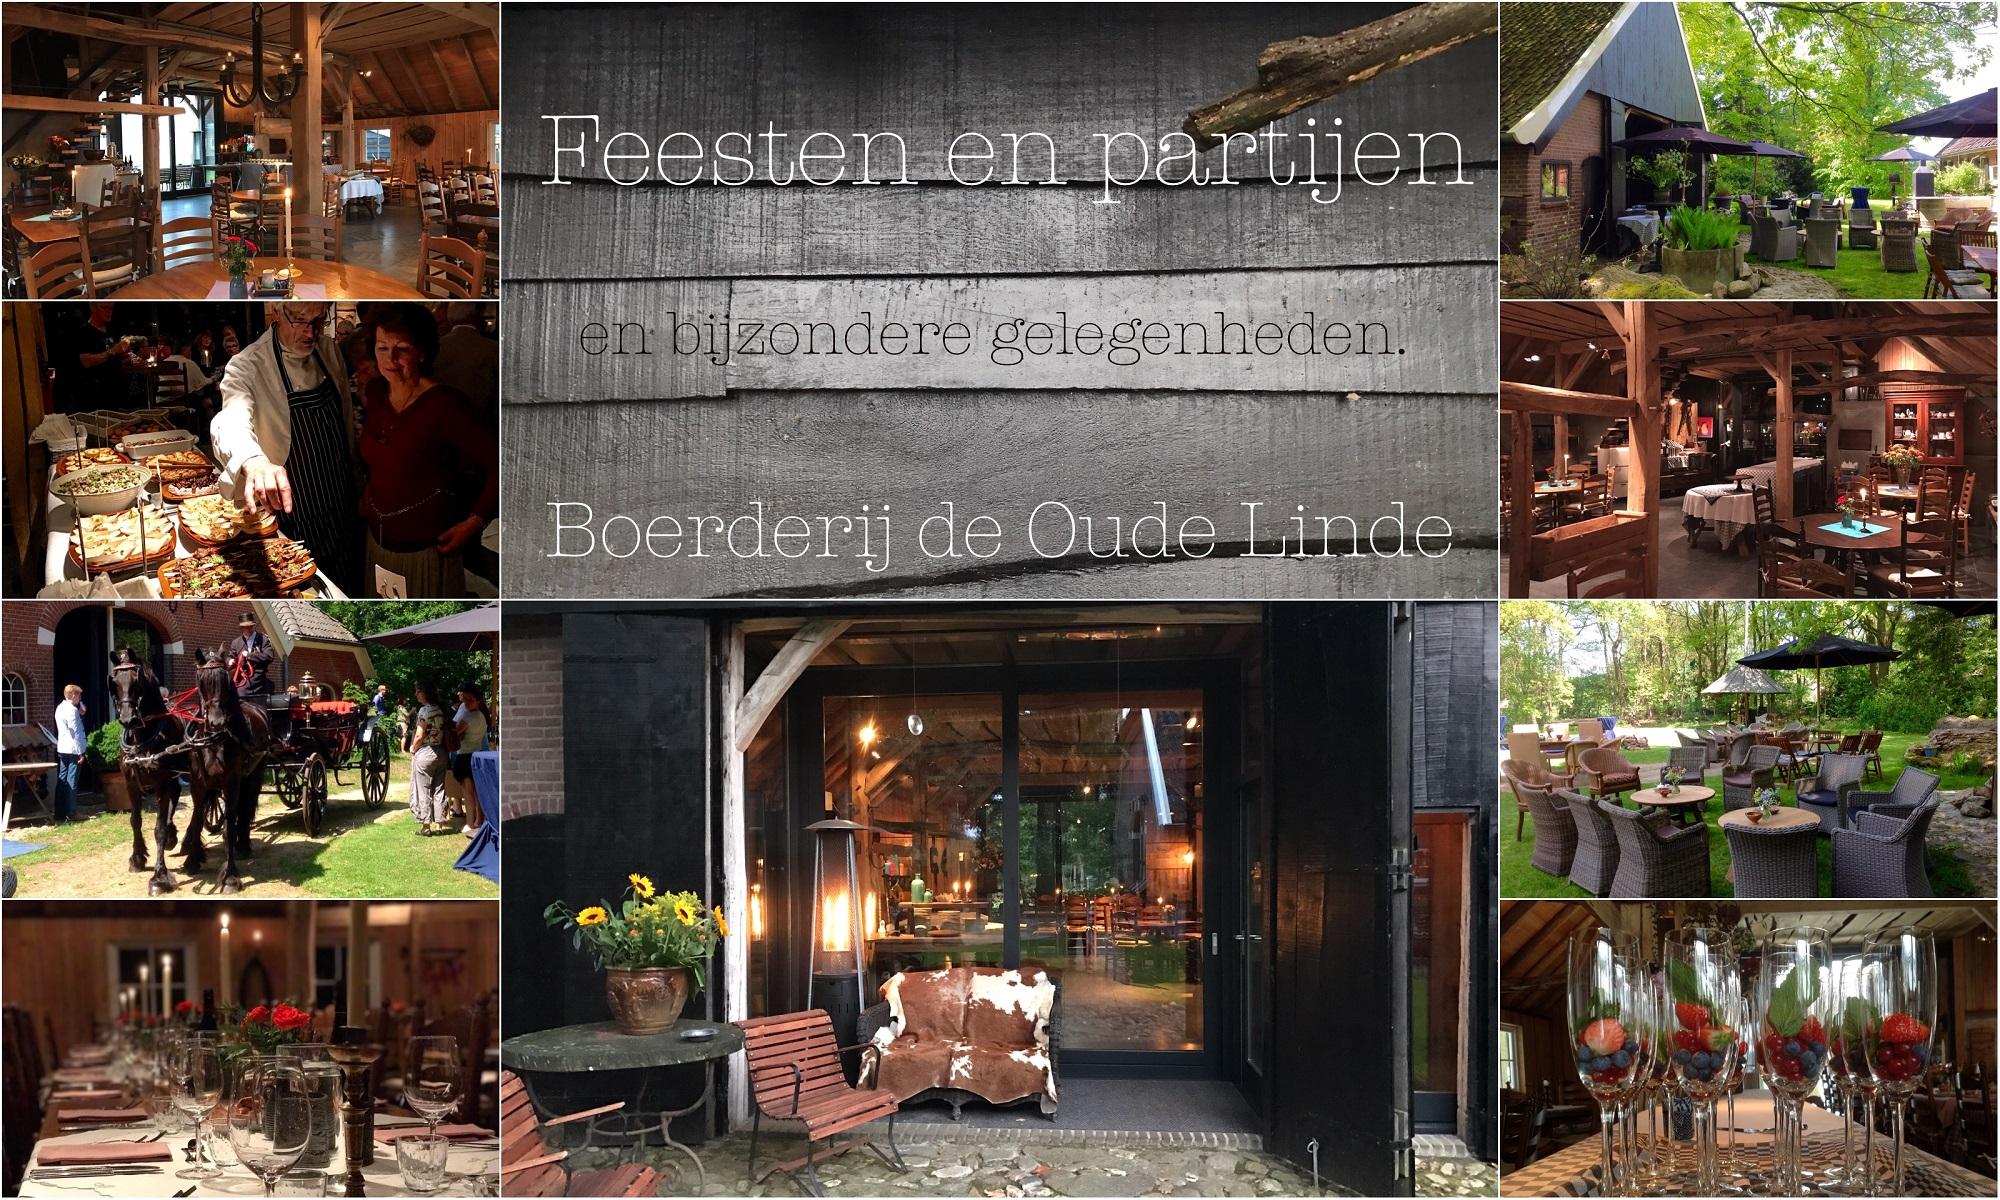 feesten, partijen en bijzondere gelegenheden bij boerderij de Oude Linde.